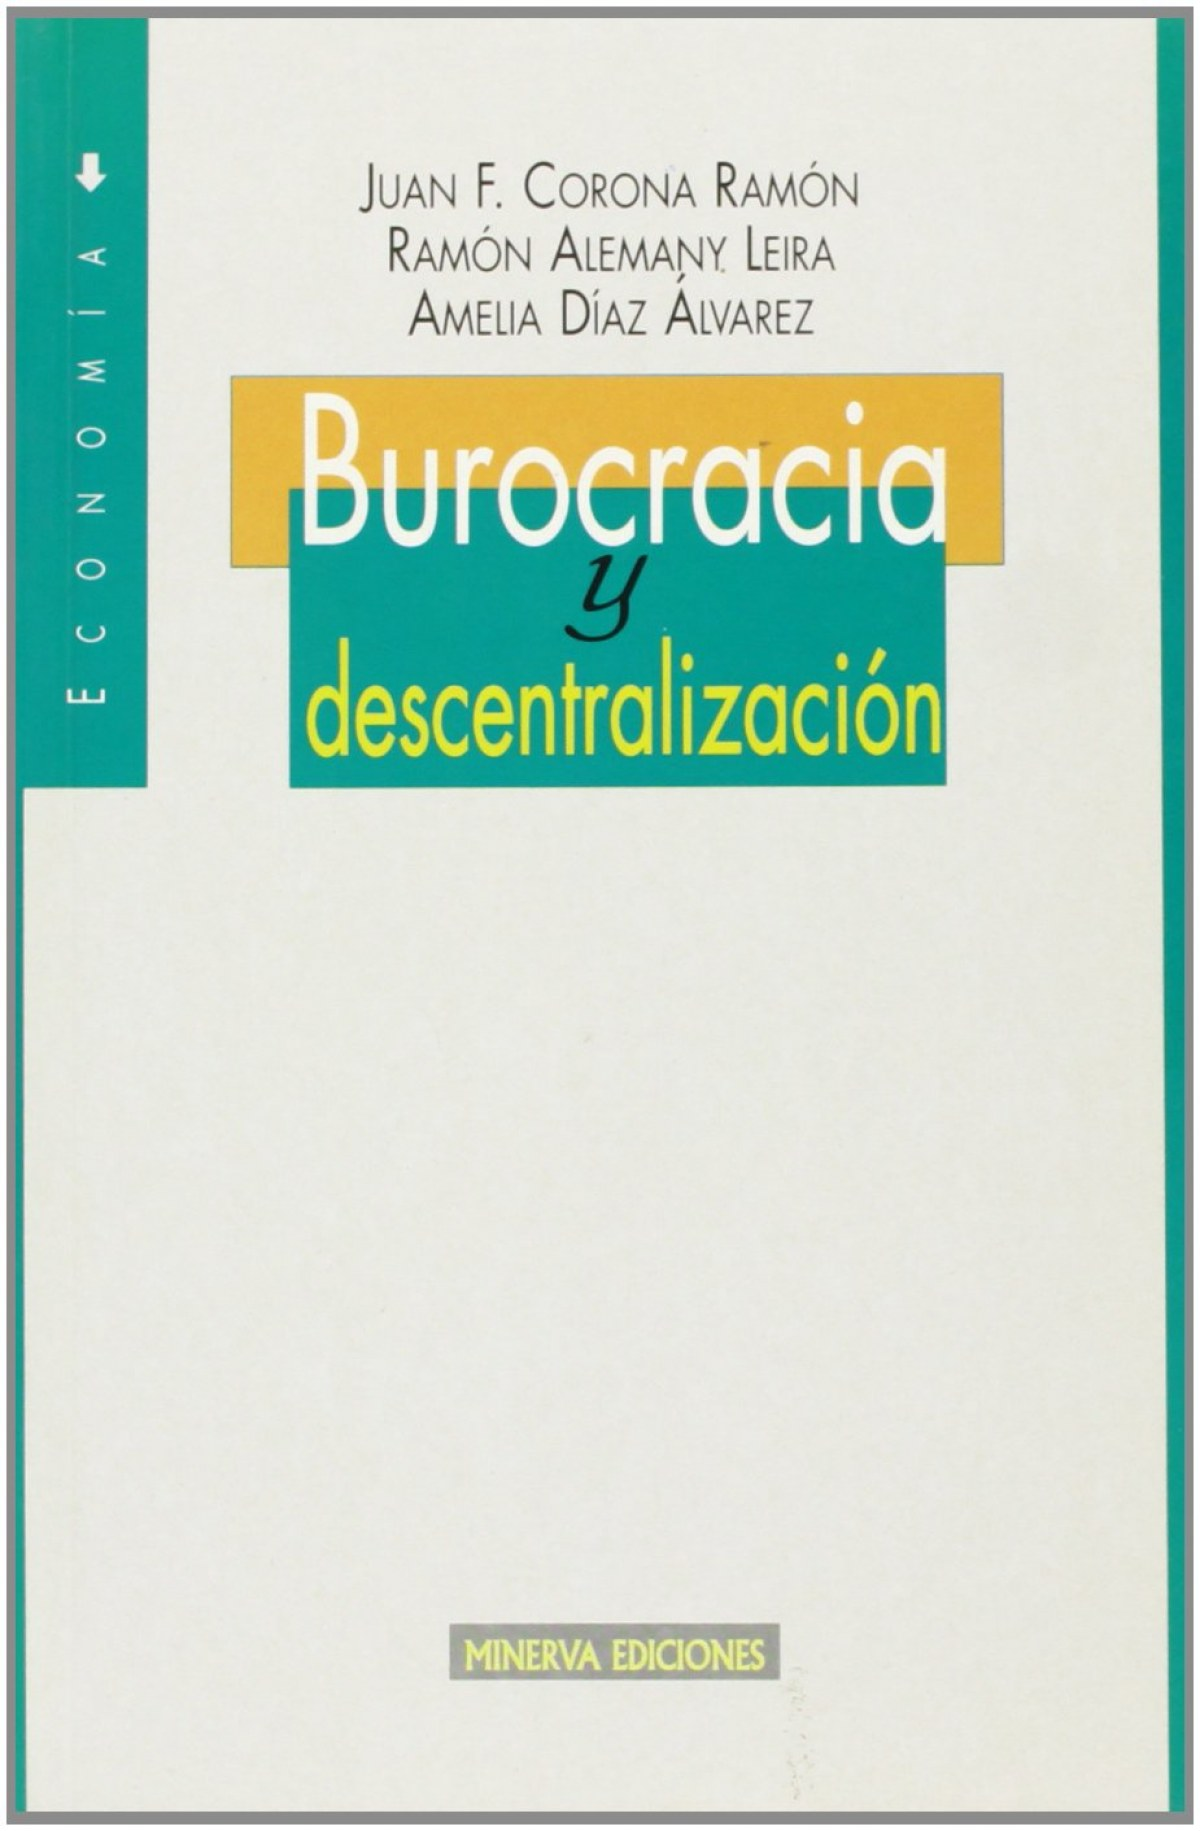 BUROCRACIA Y DESCENTRALIZCION